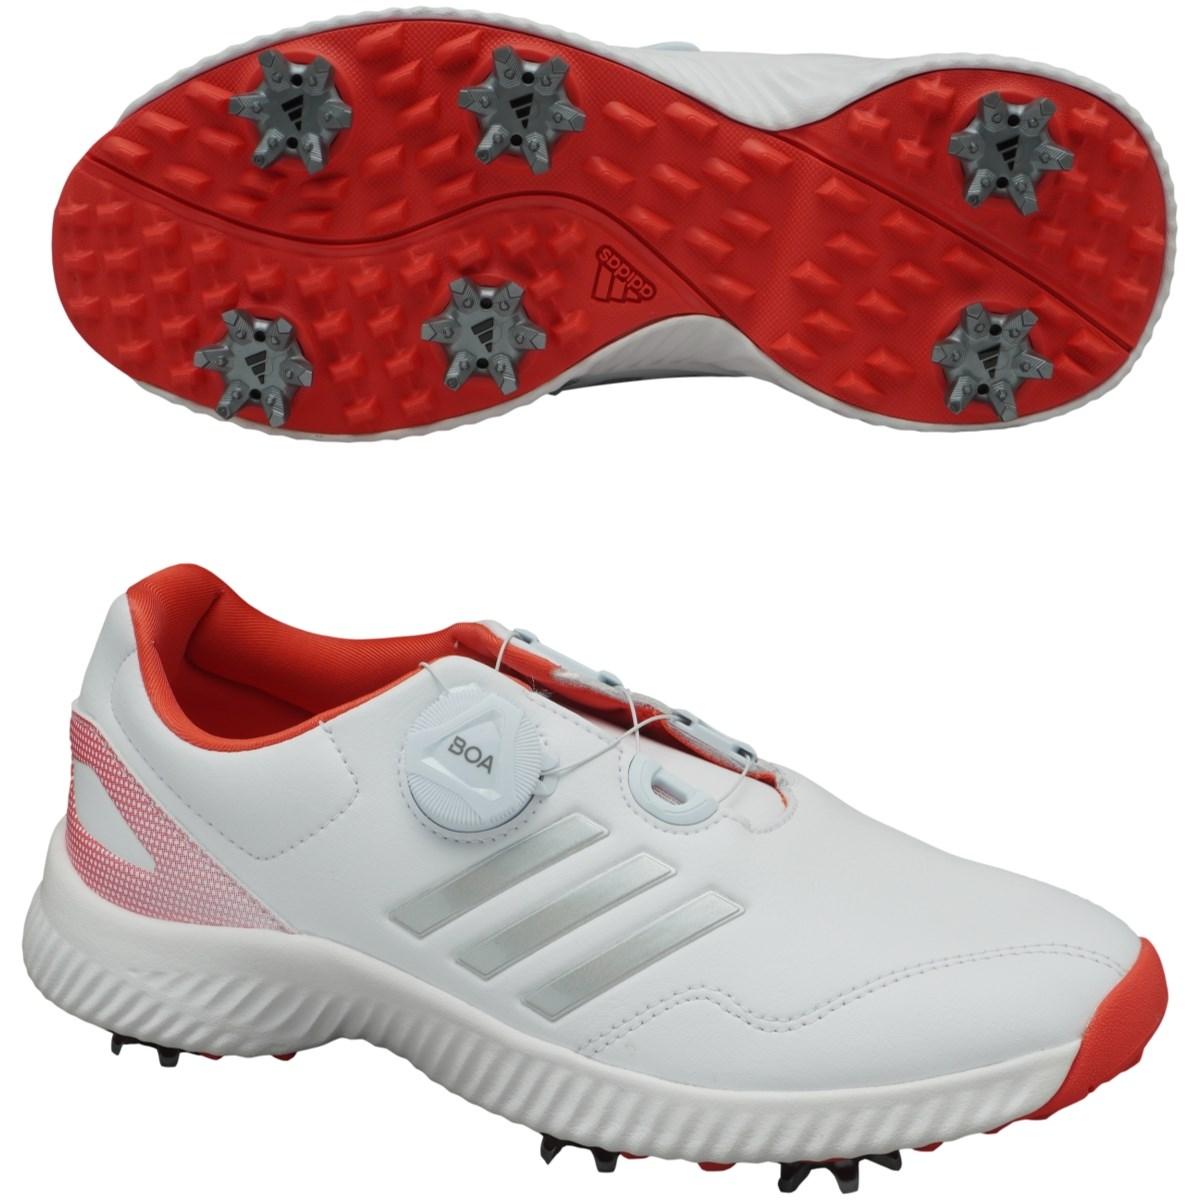 アディダス Adidas レスポンスバウンス ボア シューズ 24cm ランニングホワイト/シルバーメット/リアルコーラル レディス